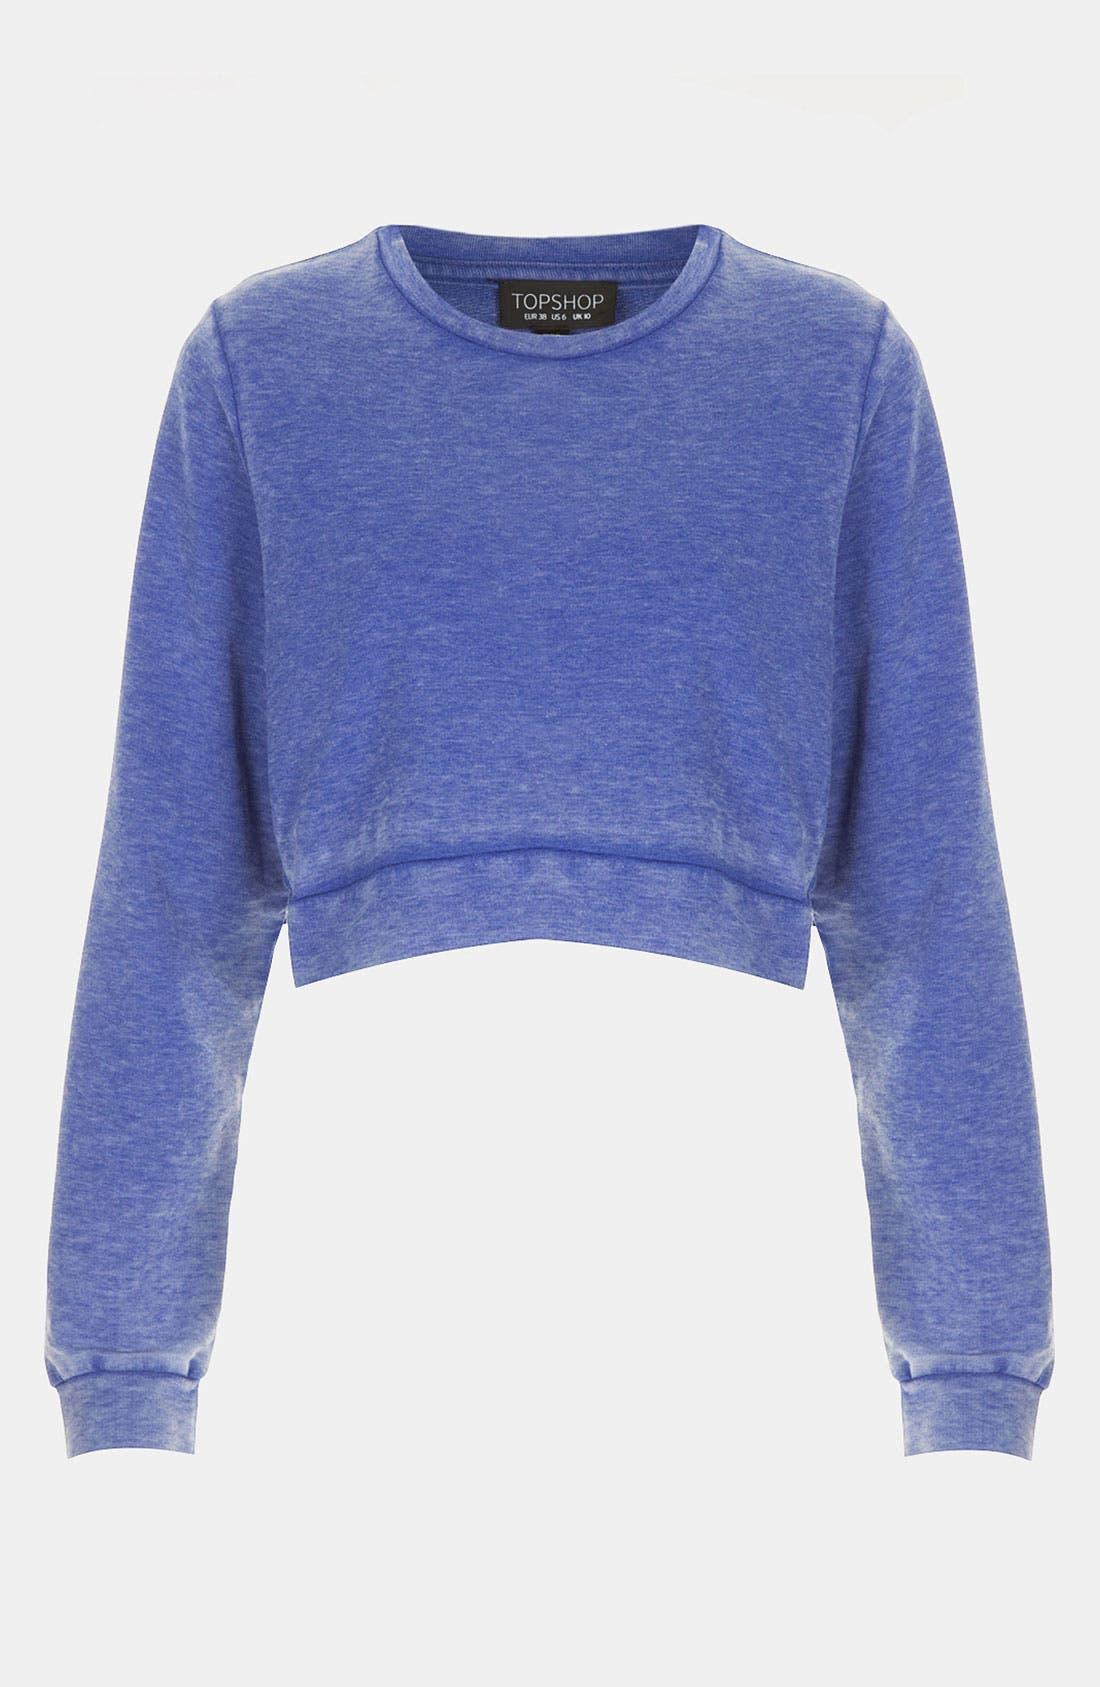 Alternate Image 1 Selected - Topshop Crop Sweatshirt